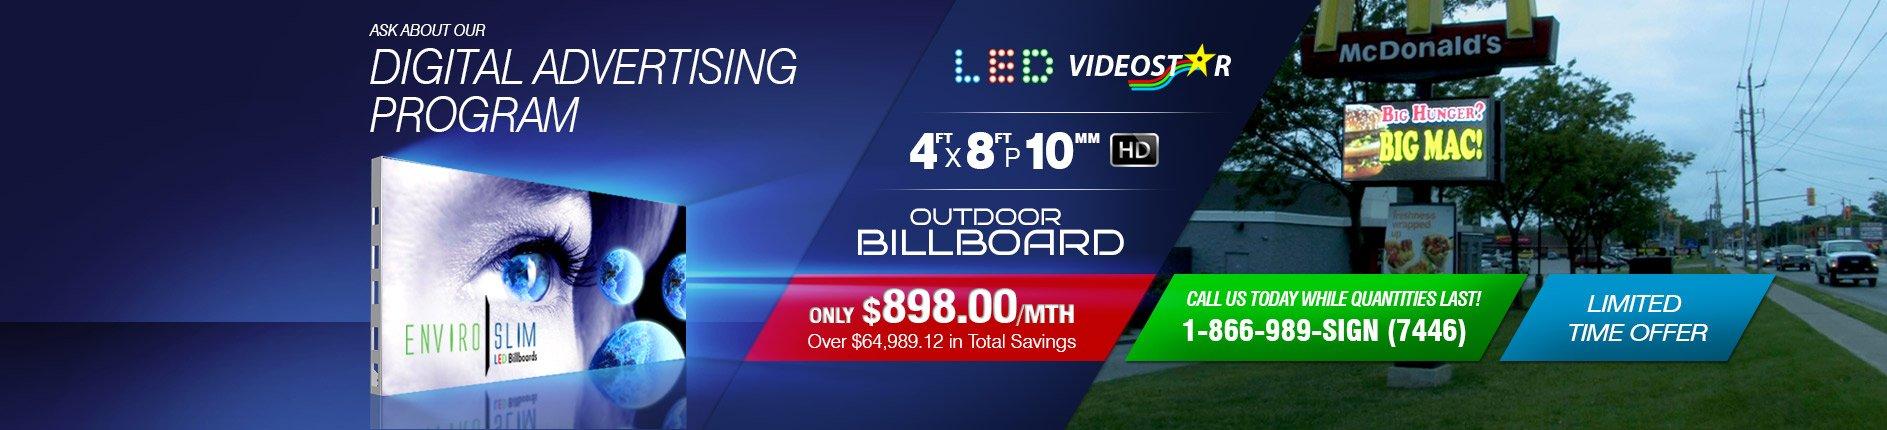 Digital Advertising Program